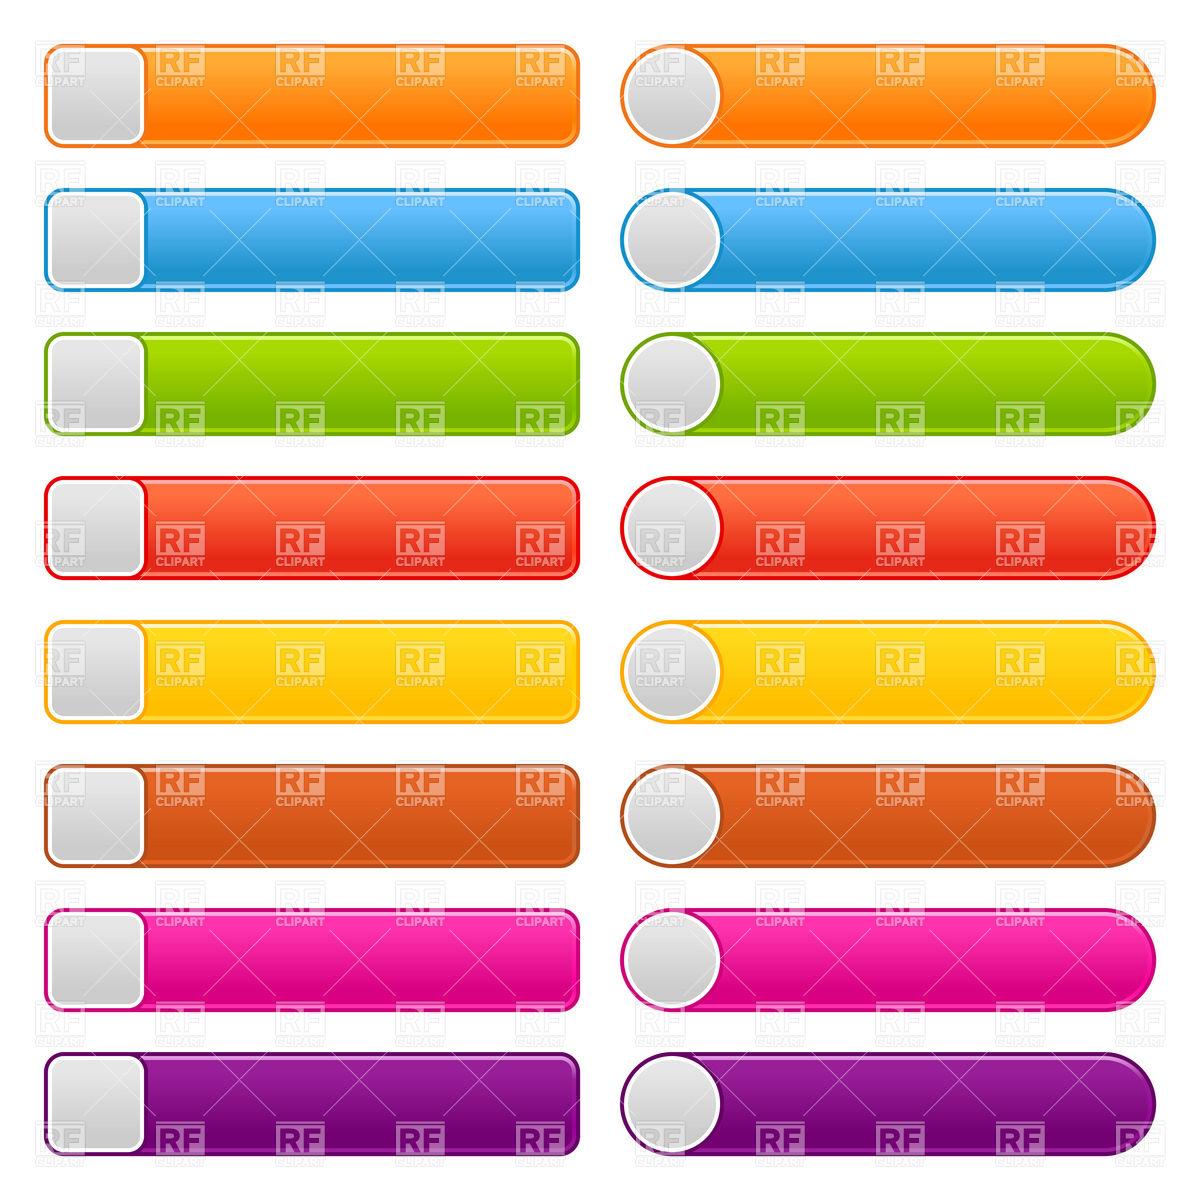 1200x1200 Simple Long Web Button Blank Templates Vector Image Vector